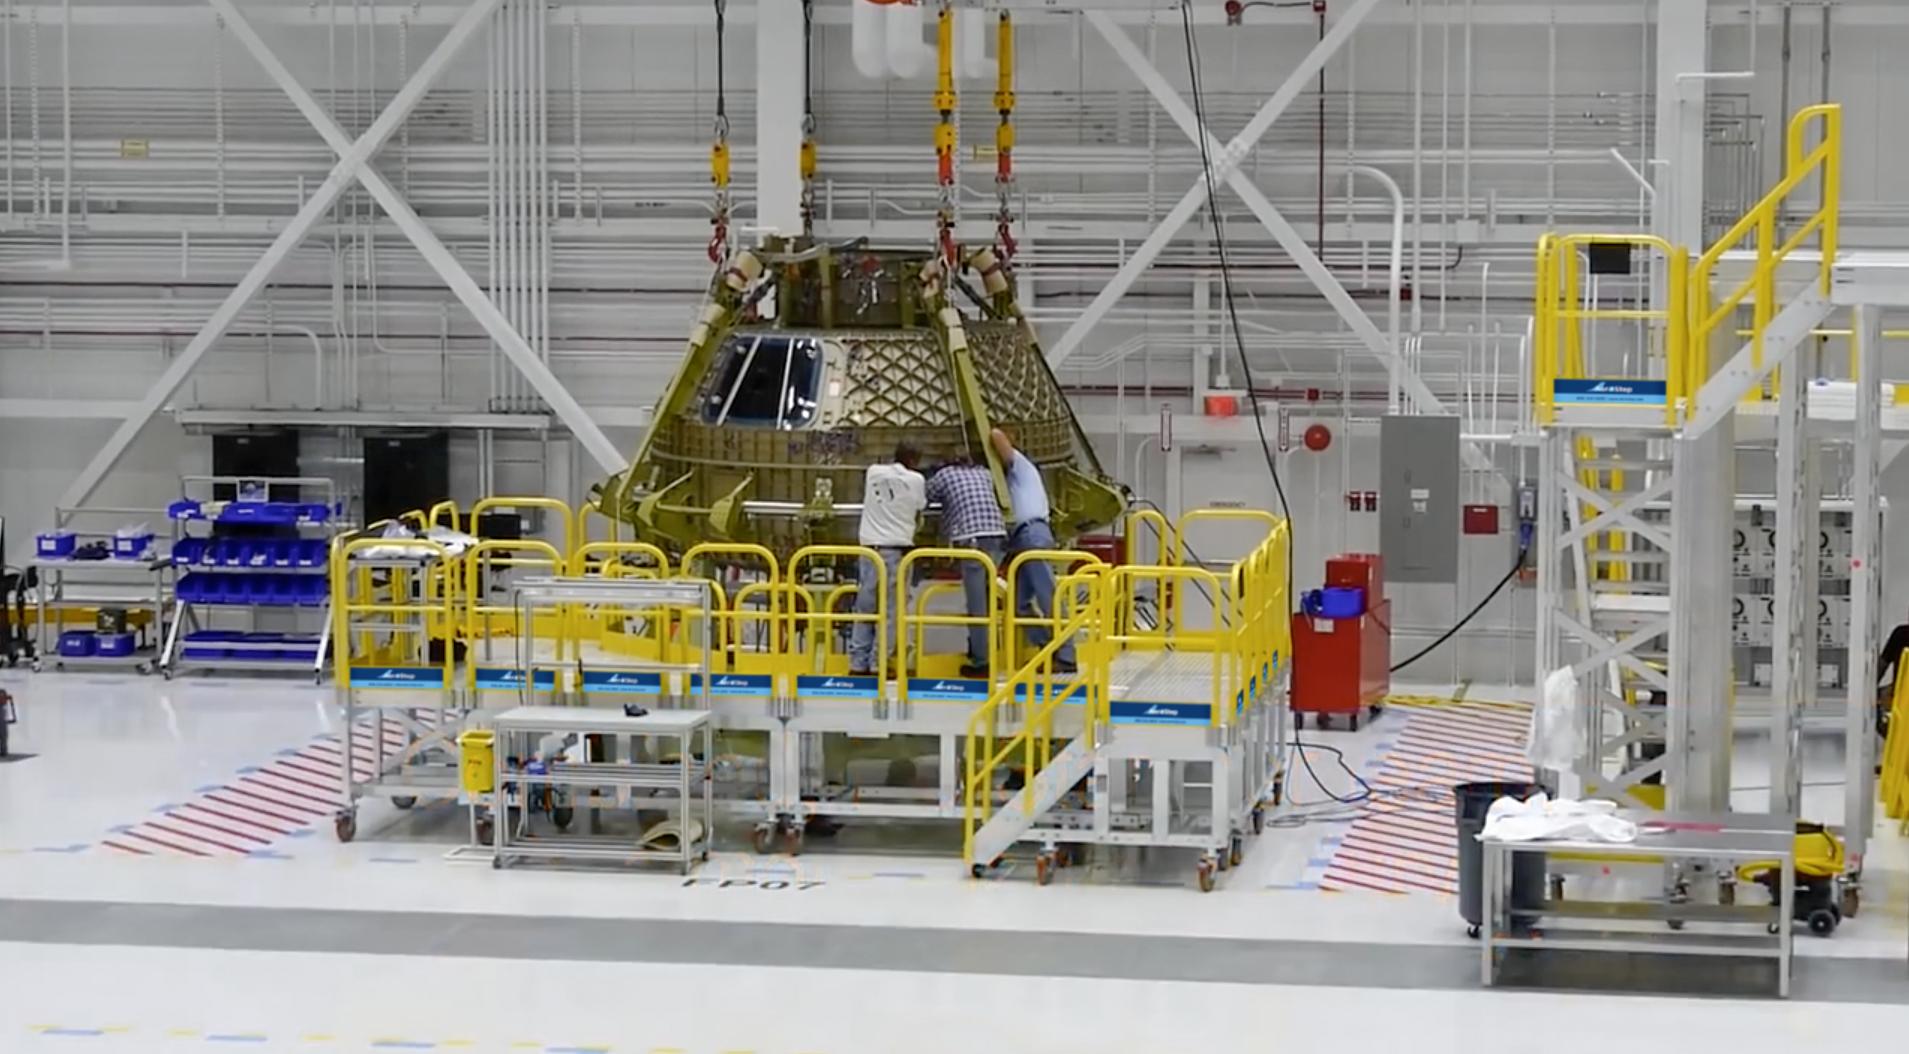 NASA Metal Work Platforms in it's environment